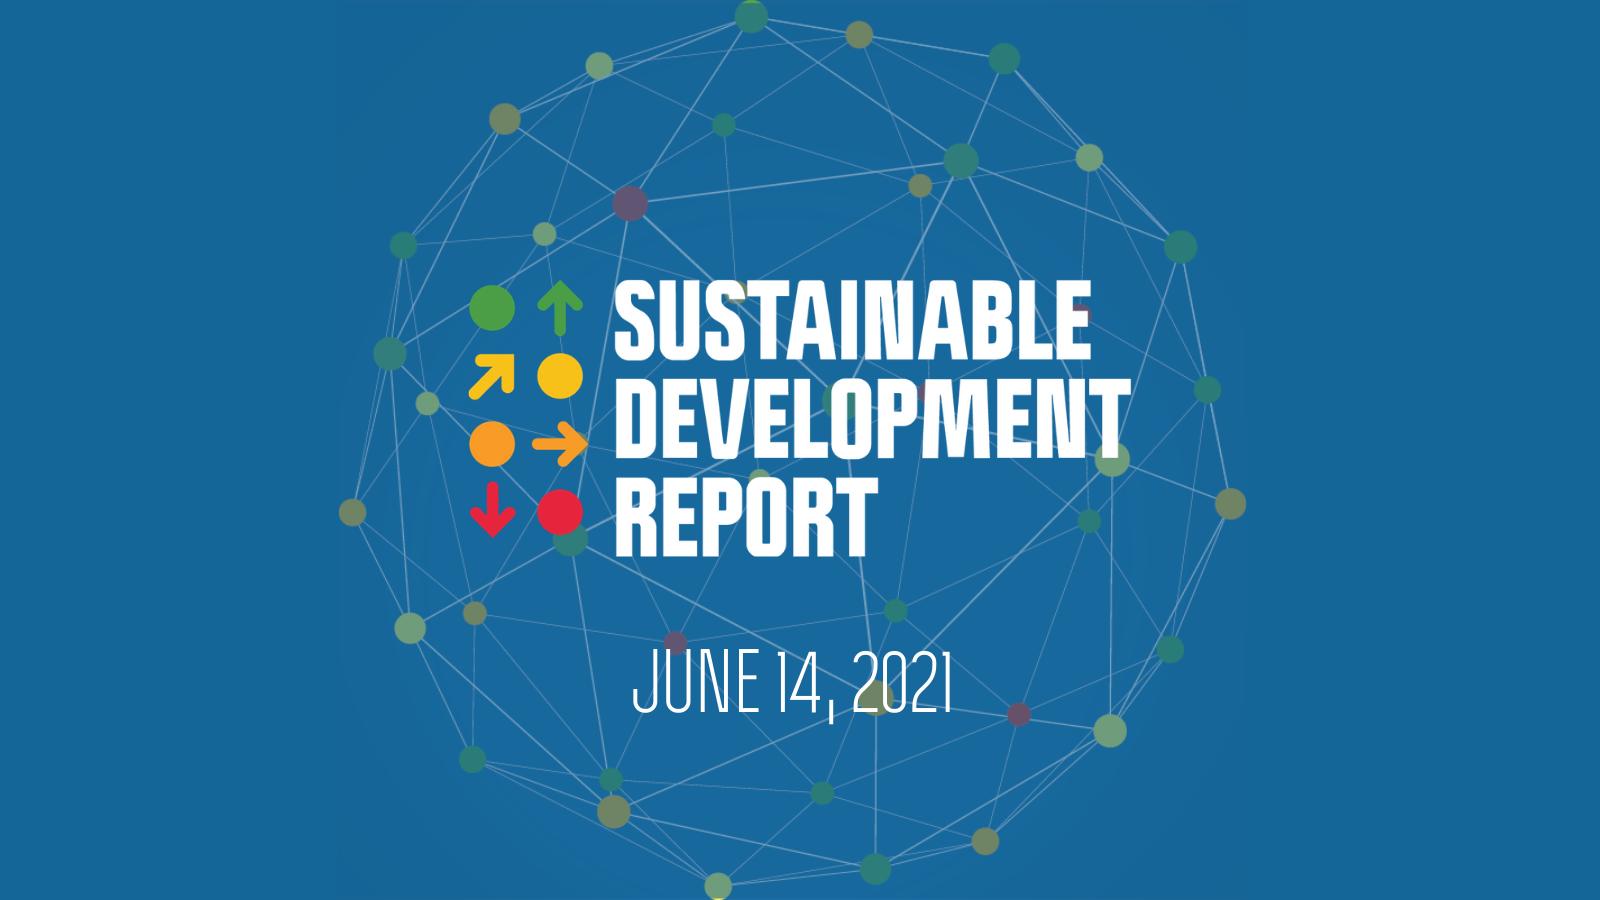 เอกสาร Press Release |  รายงานการพัฒนาที่ยั่งยืน (Sustainable Development Report: SDR) ประจำปี 2021